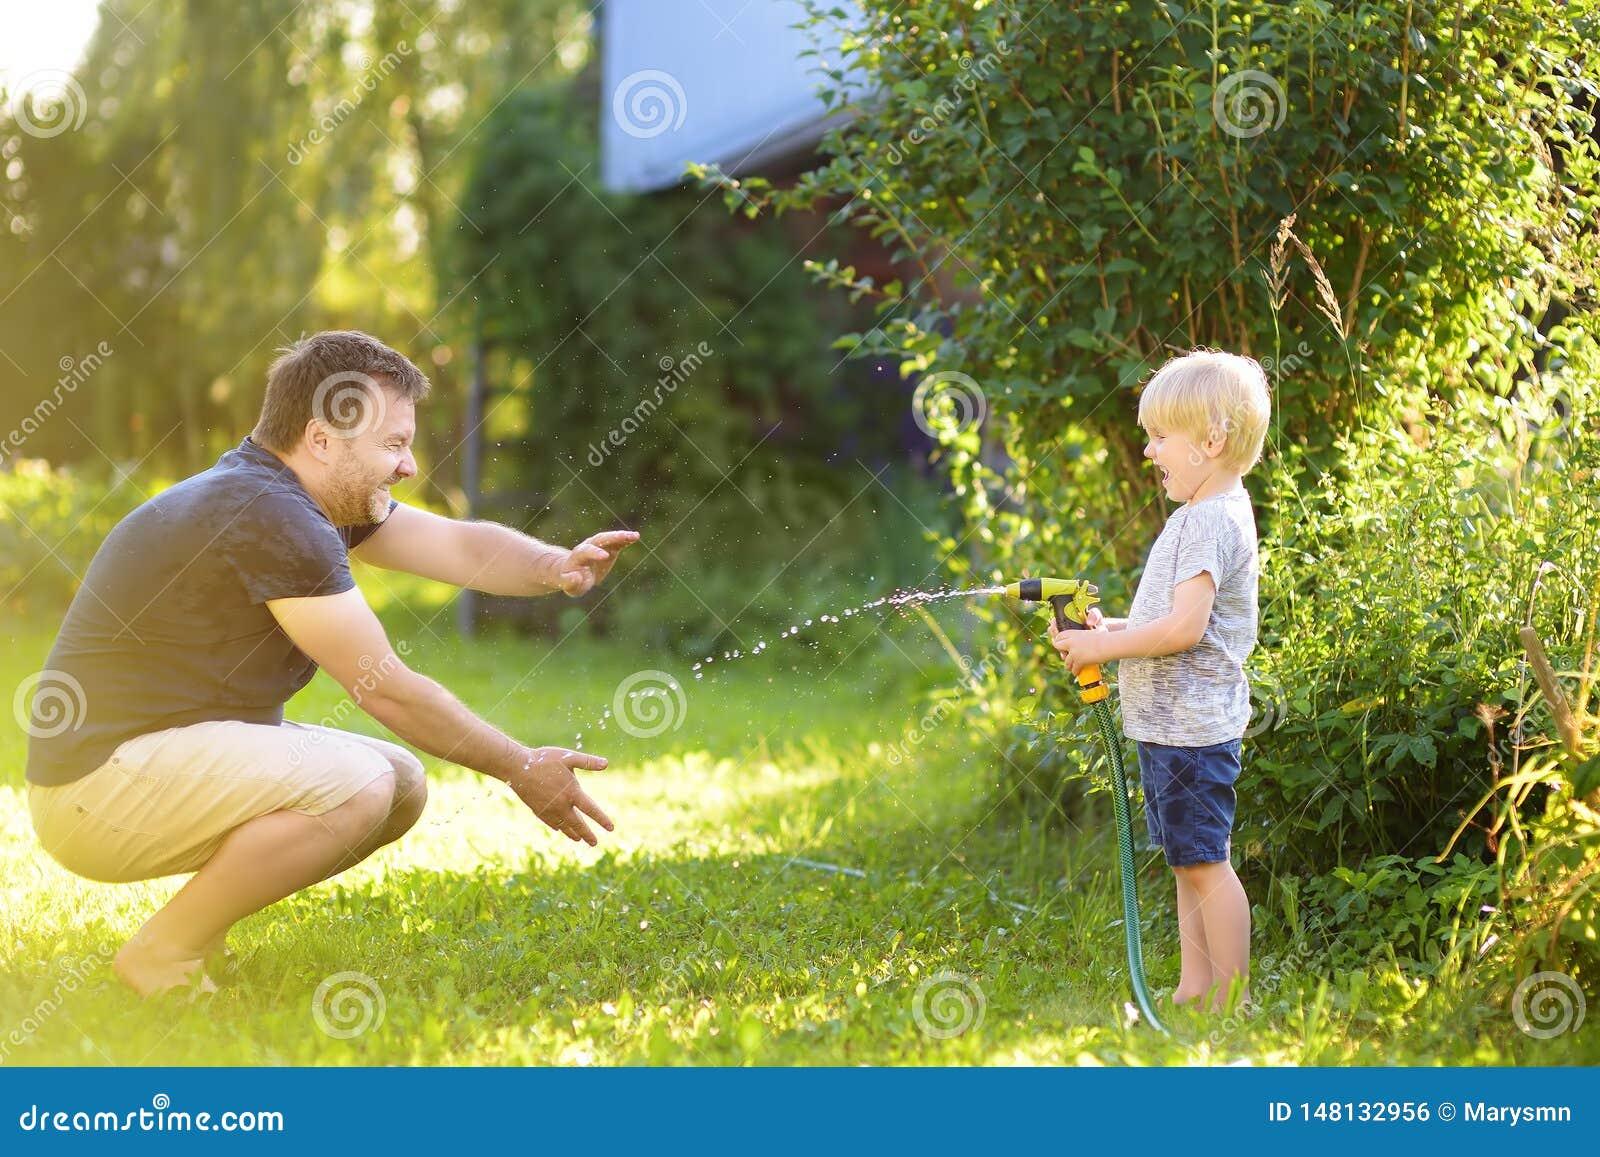 Grappig weinig jongen met zijn vader die met tuinslang spelen in zonnige binnenplaats Kleuterkind die pret met nevel van water he